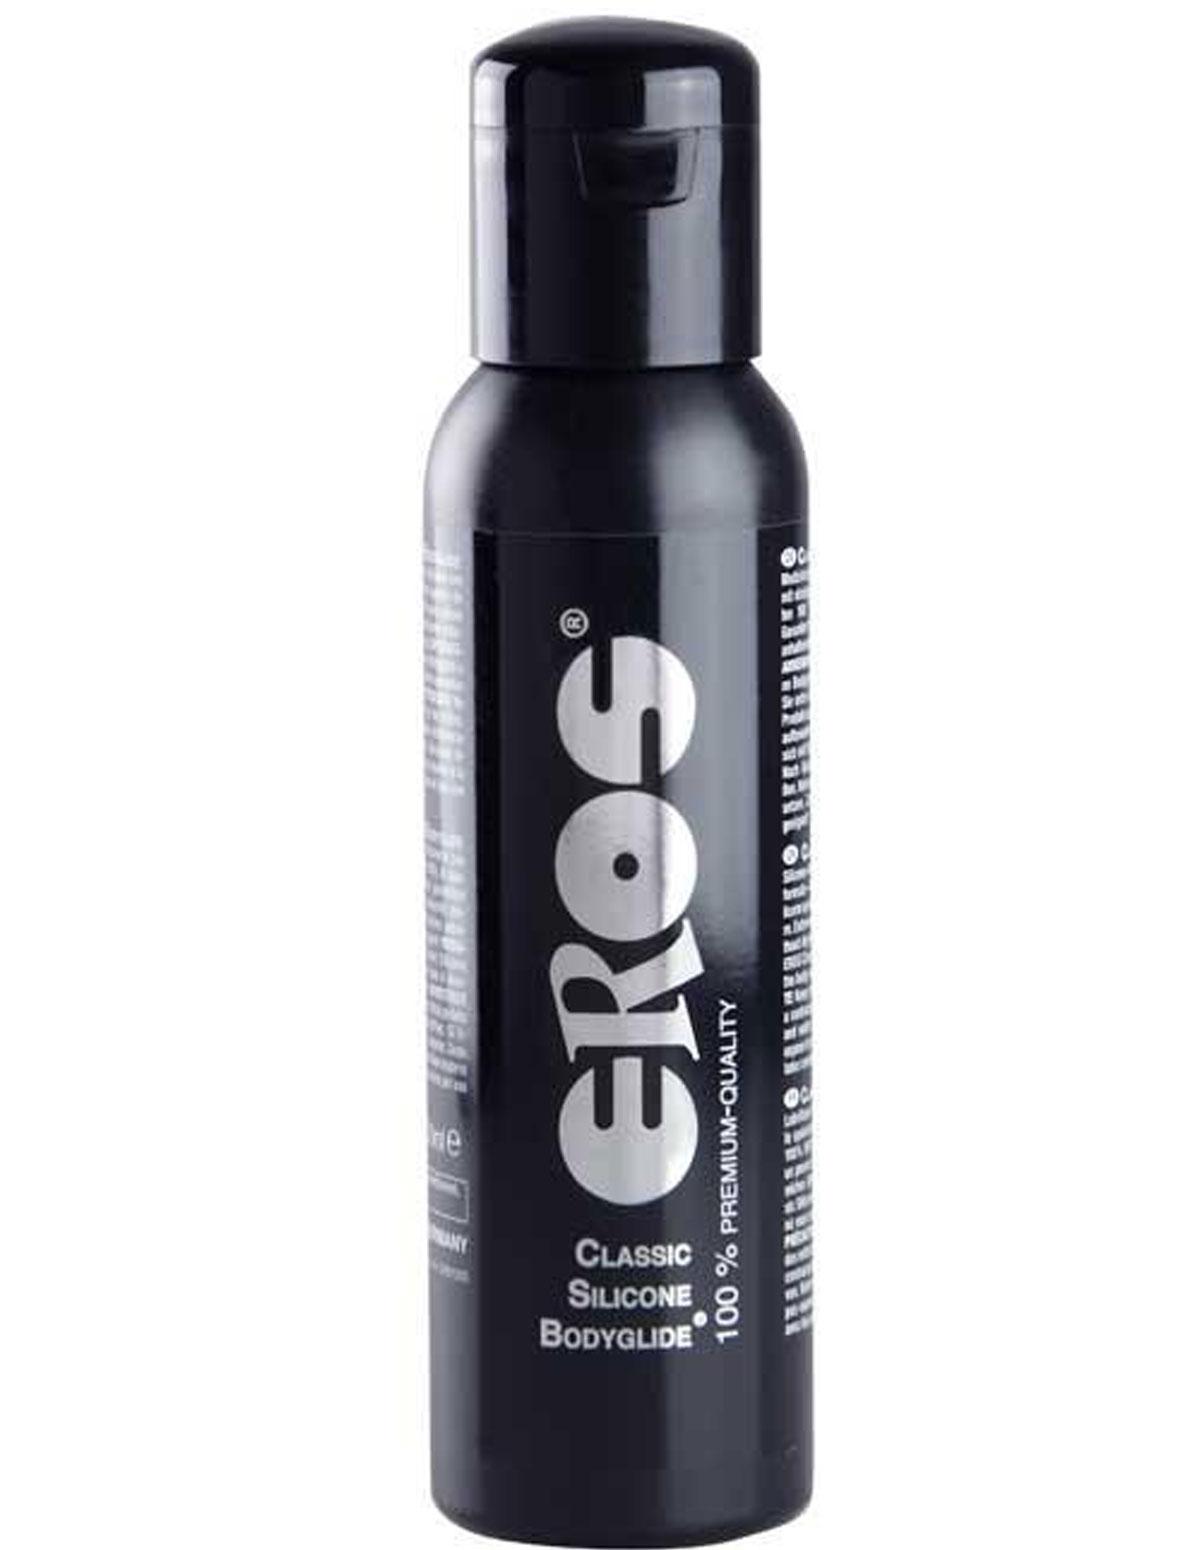 Eros Classic 100Ml Silicone Bodyglide